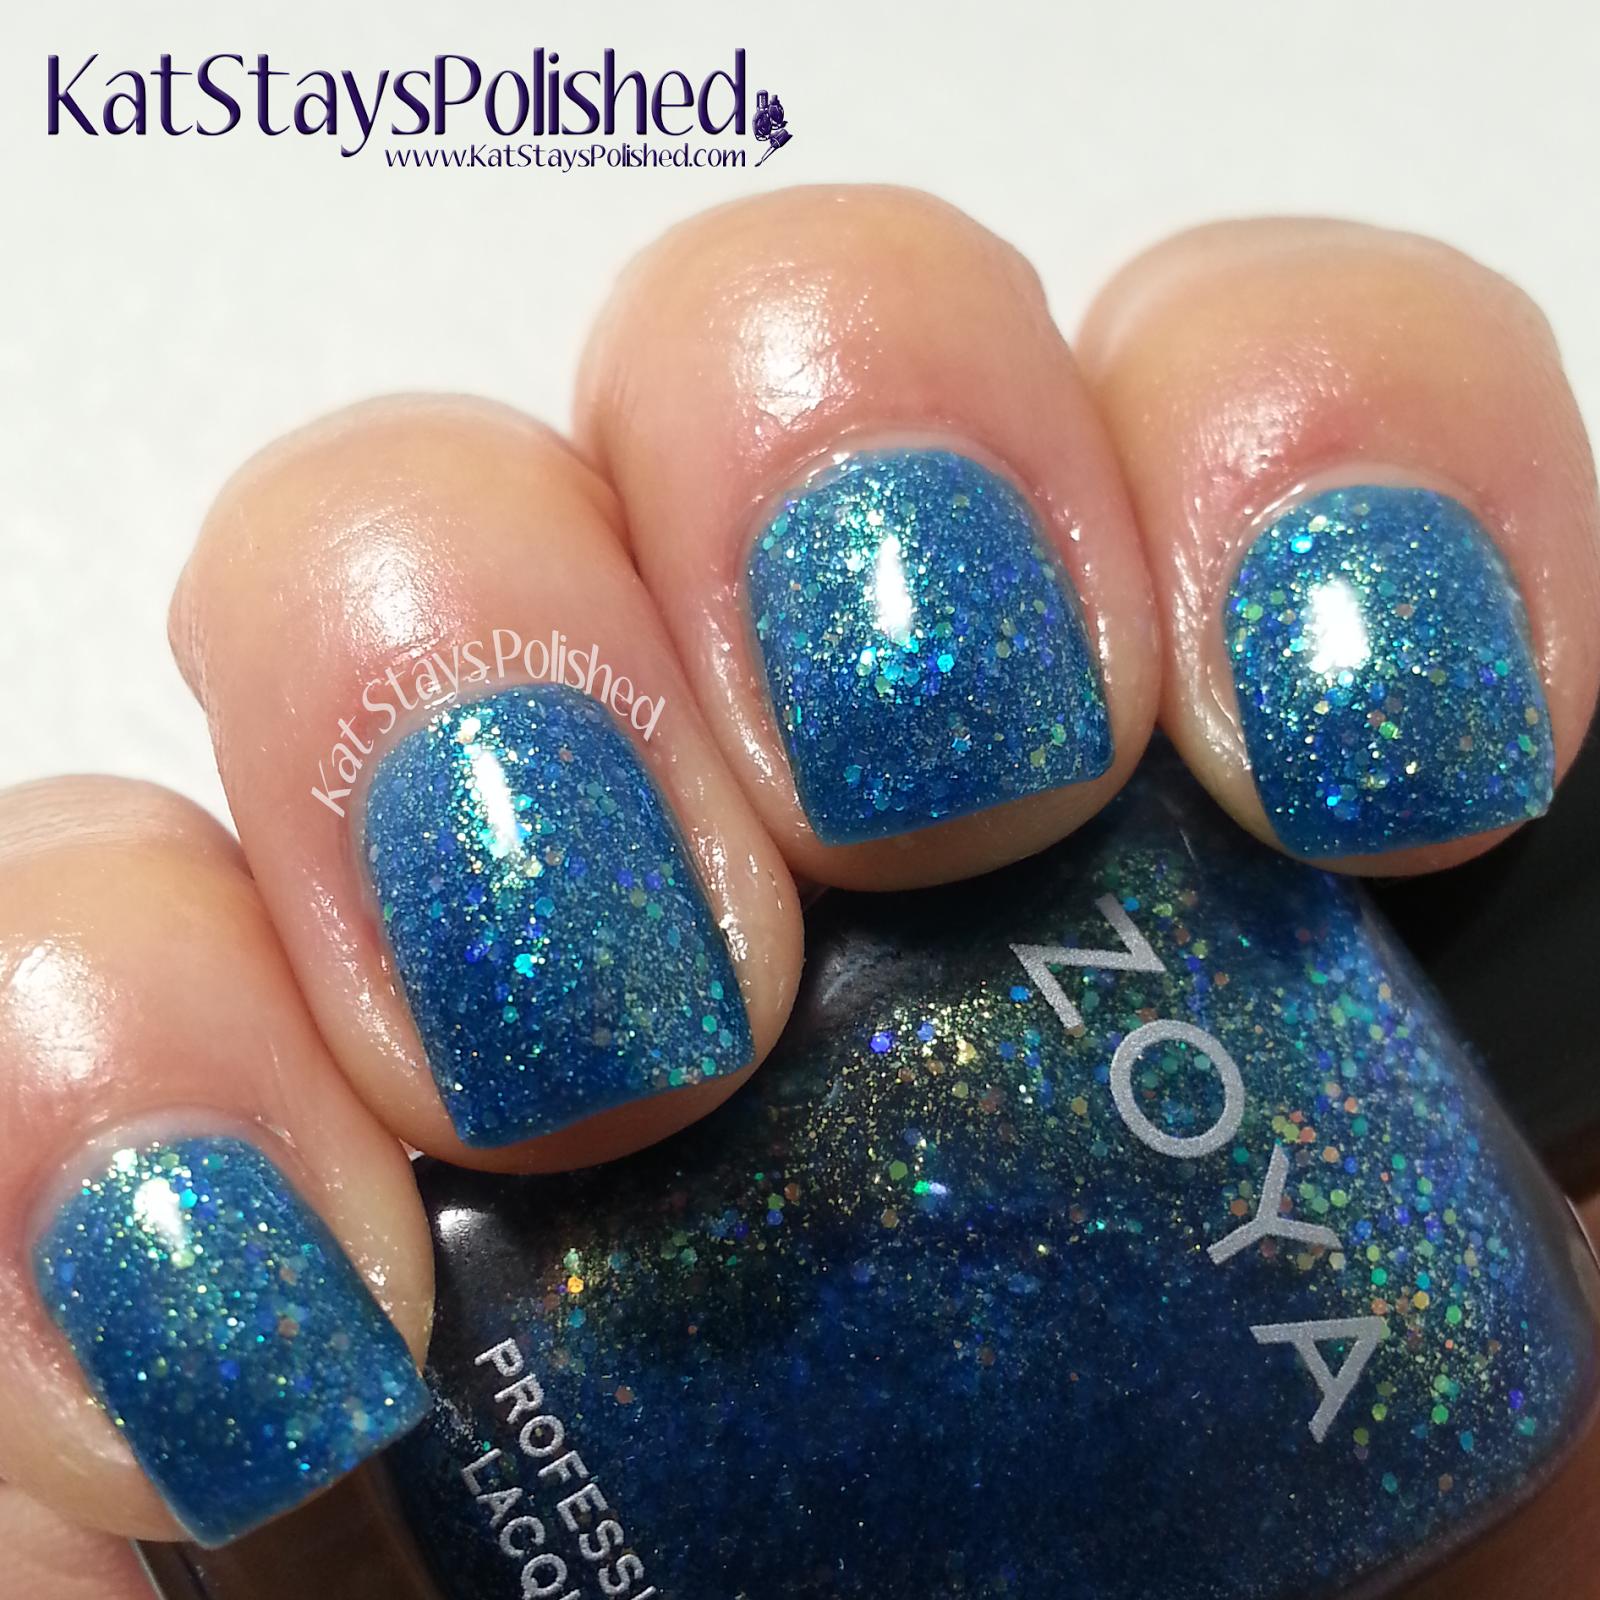 Zoya Bubbly - Muse | Kat Stays Polished